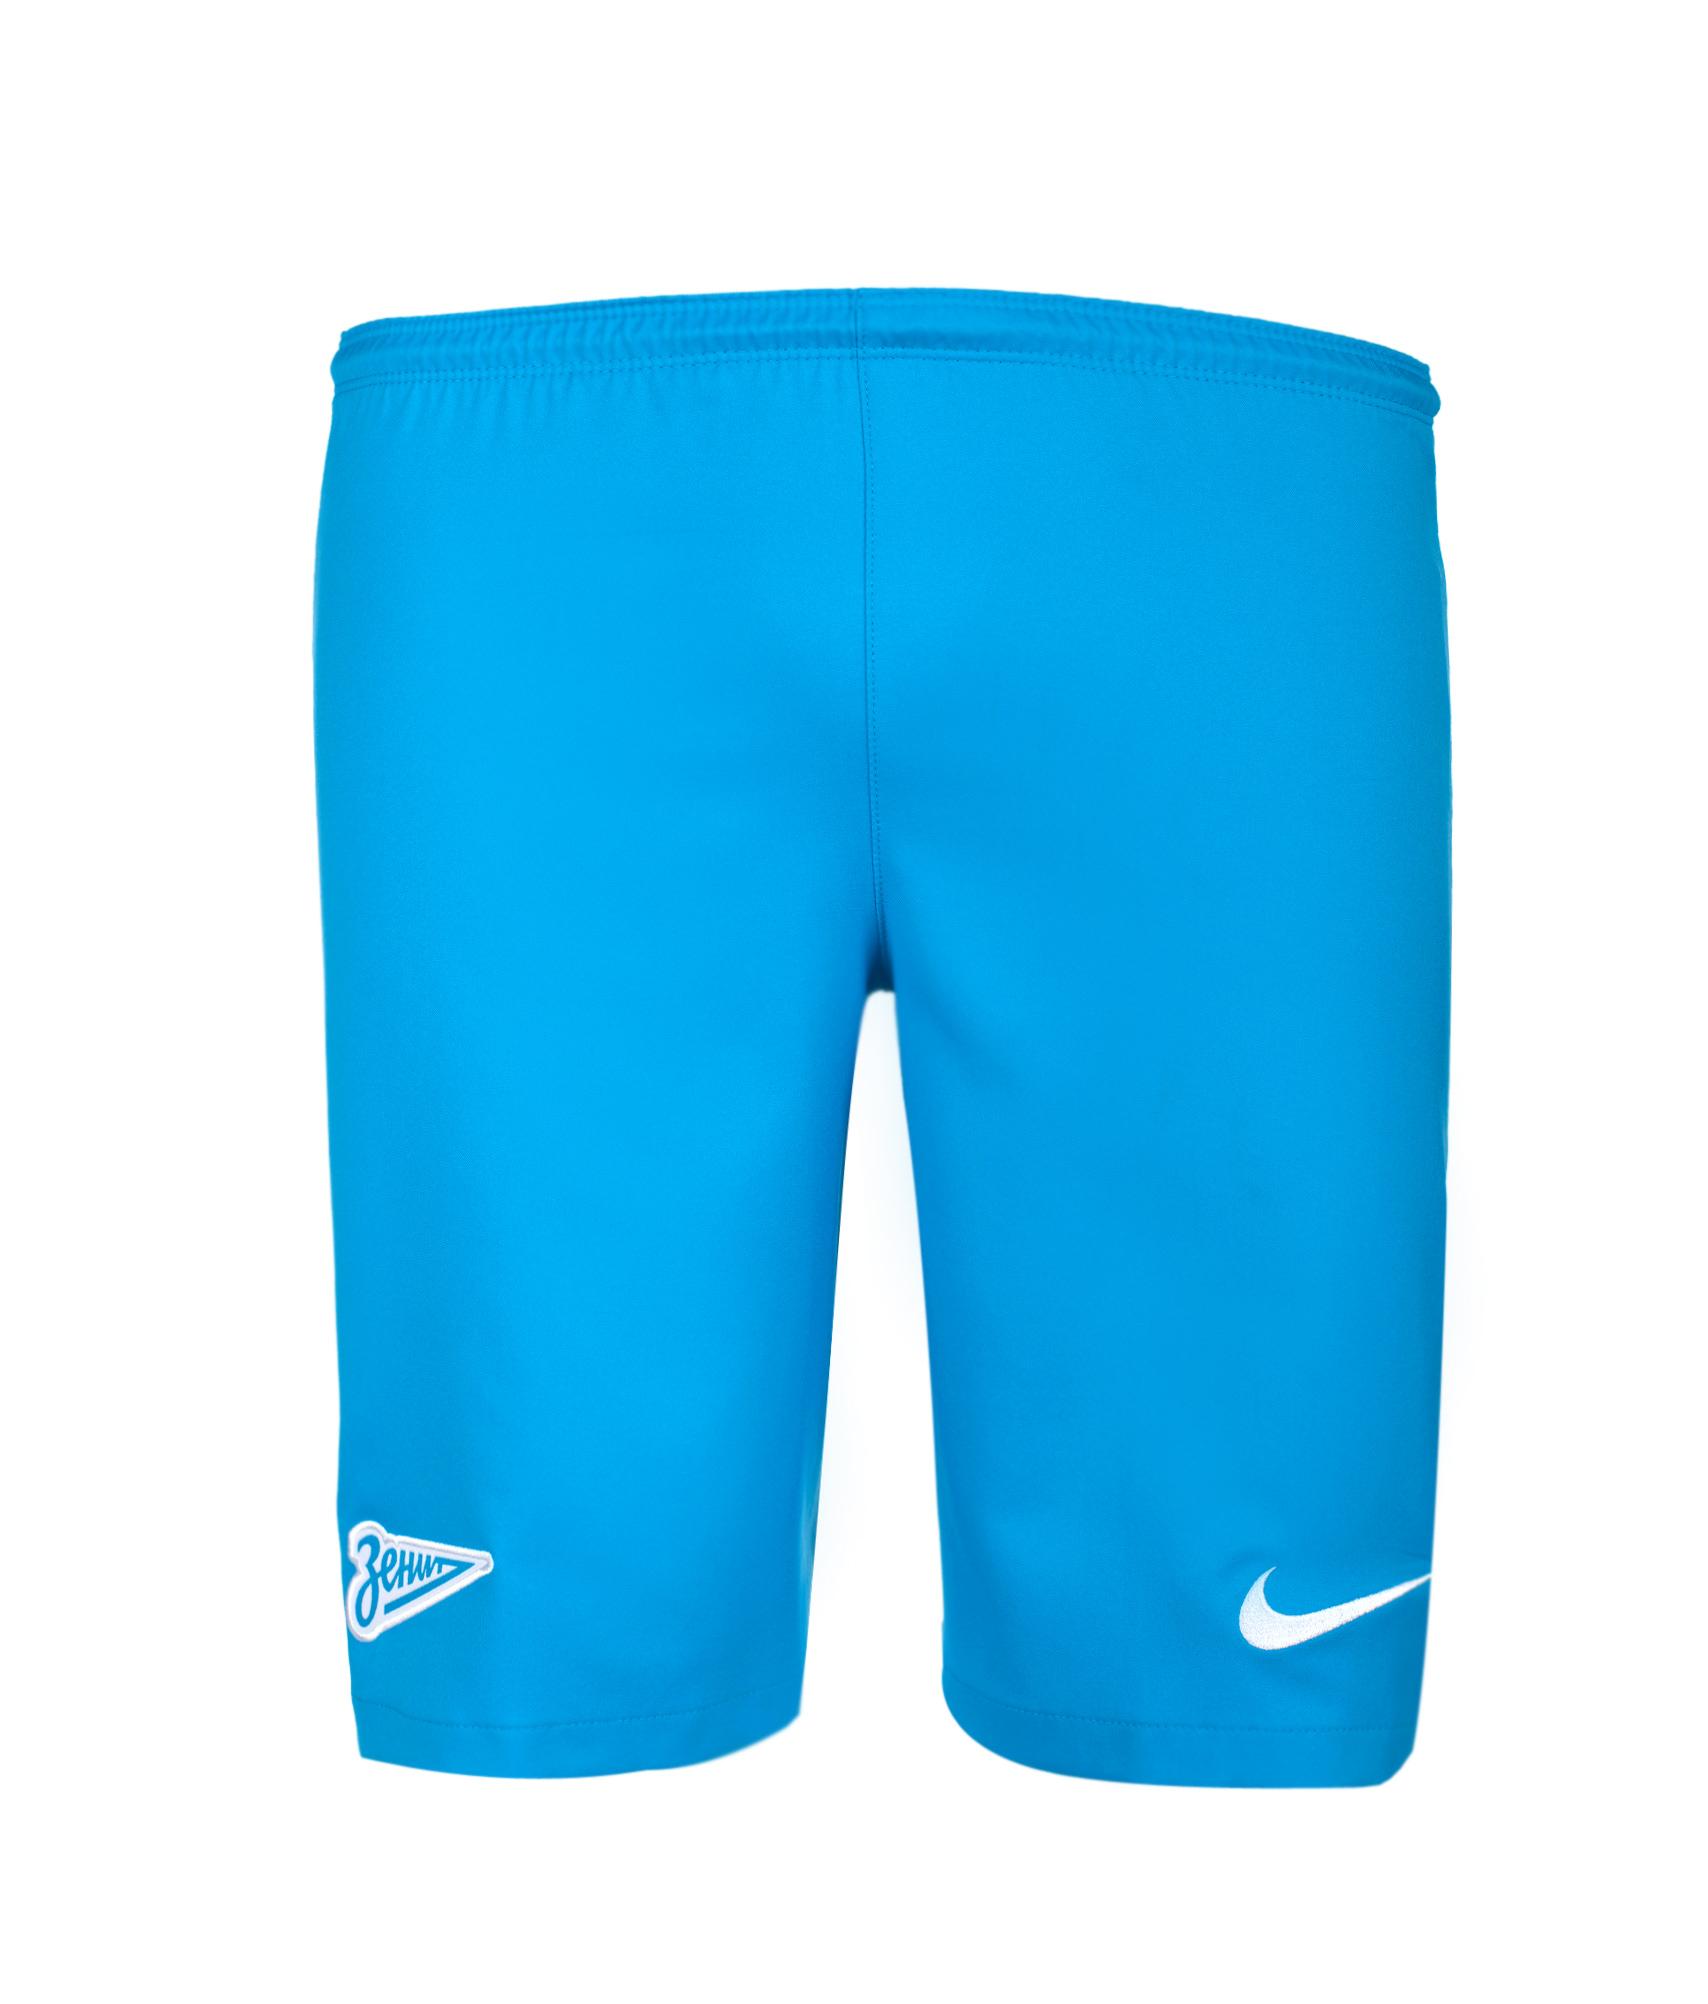 Шорты Nike домашние оригинальные 2014  Цвет-Синий